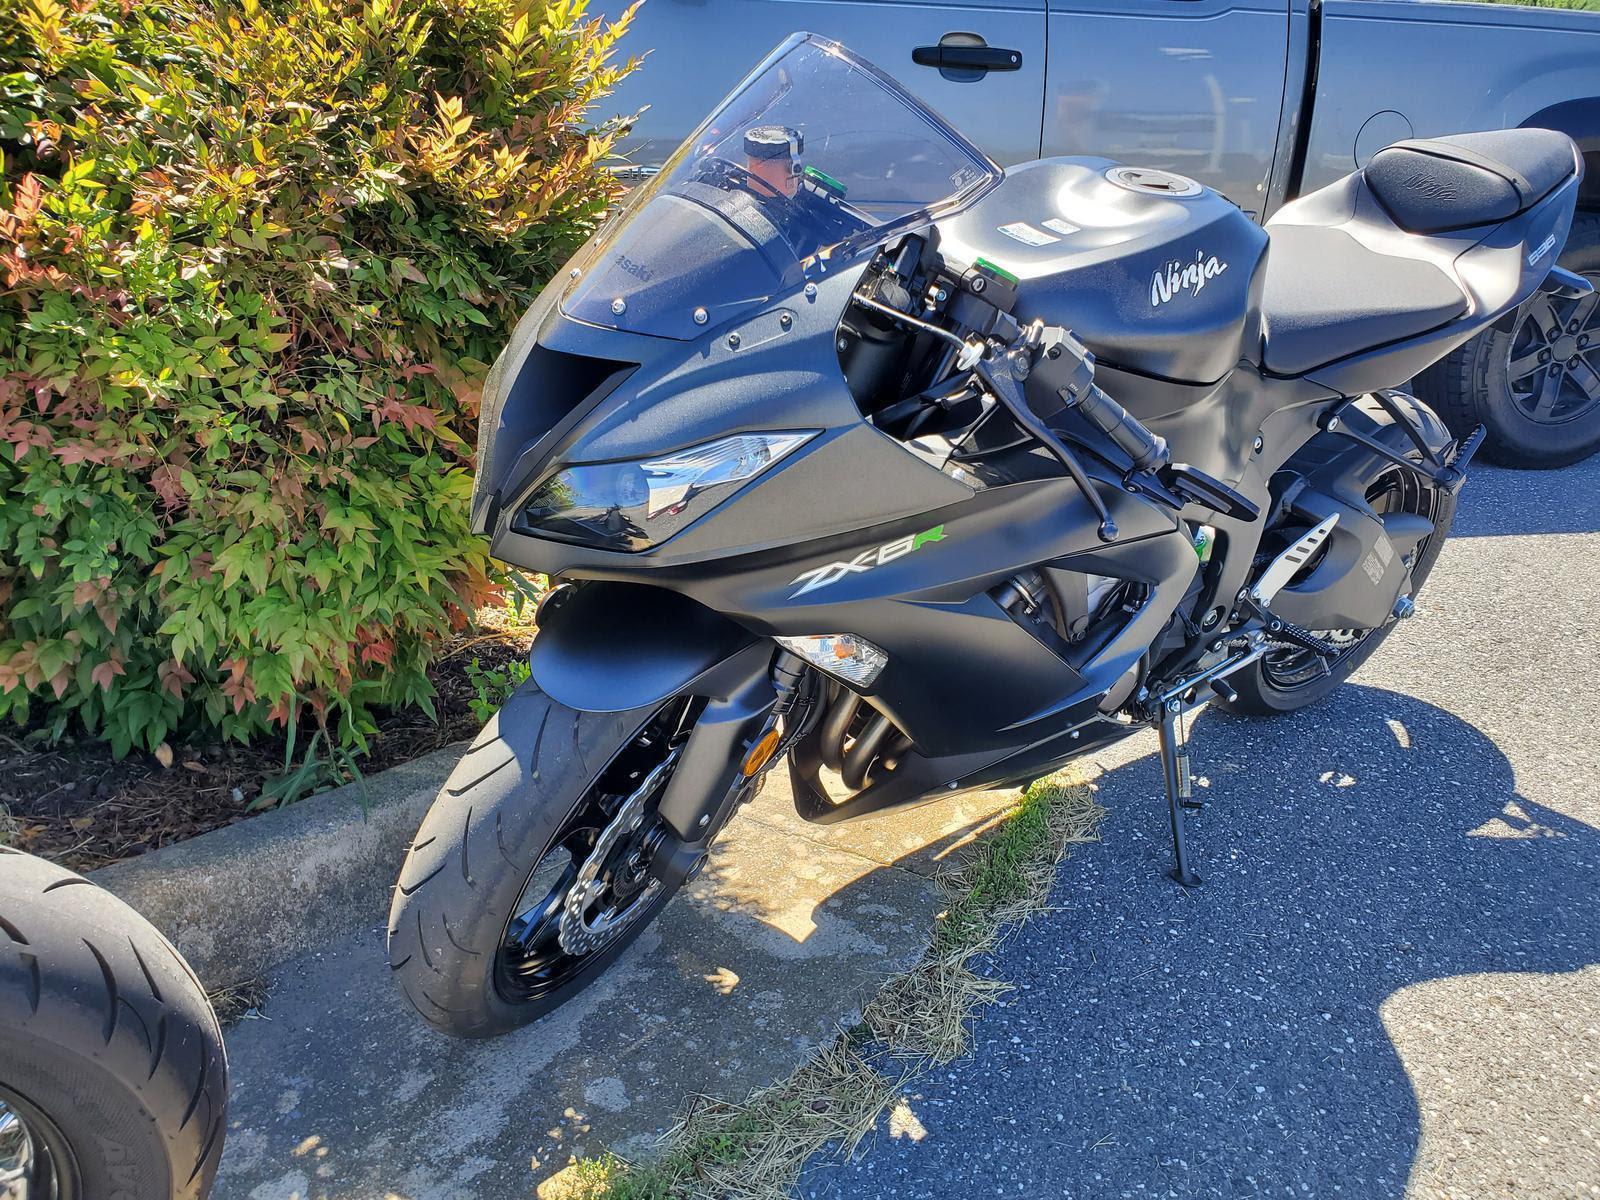 2015 Kawasaki Ninja Zx 6r 30th Ann